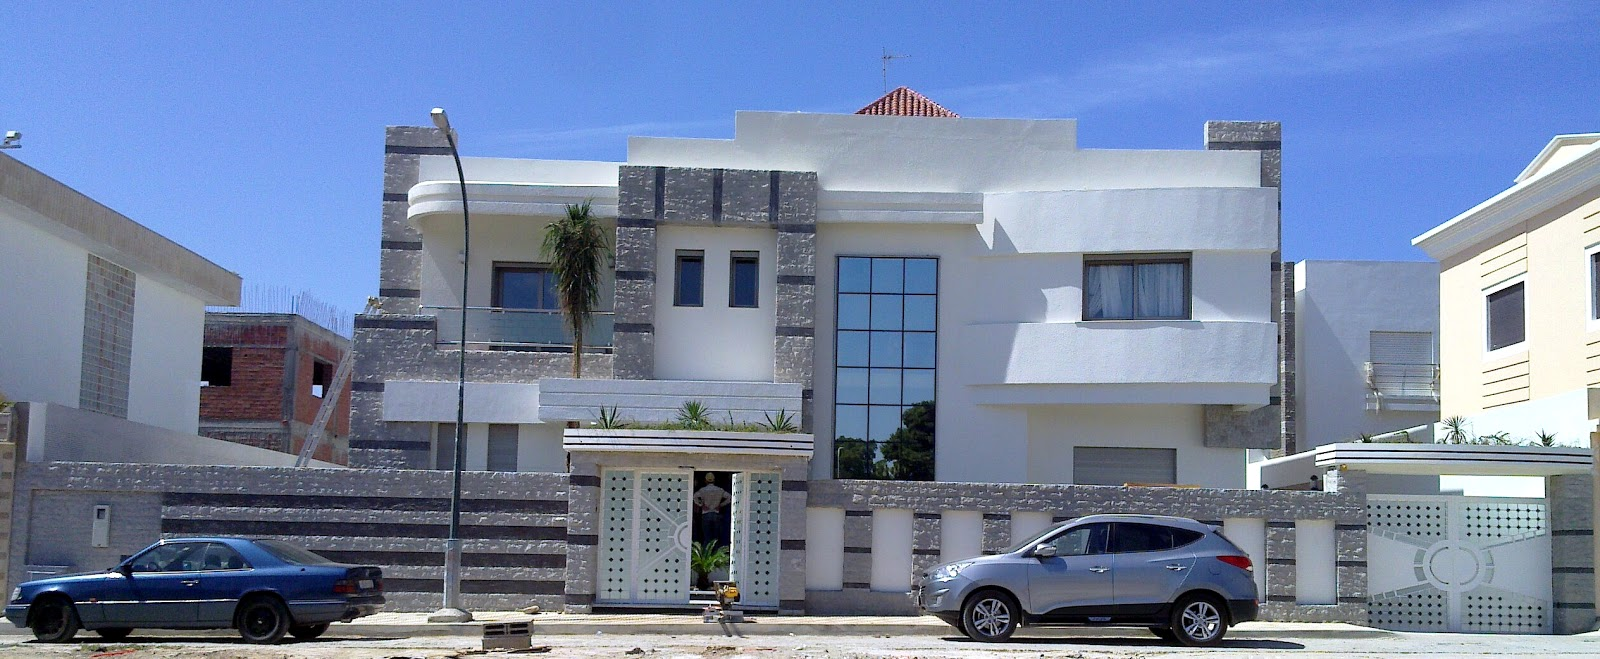 mourad el karima architecte d 39 interieur designer villa a1 un m lange entre le moderne le. Black Bedroom Furniture Sets. Home Design Ideas